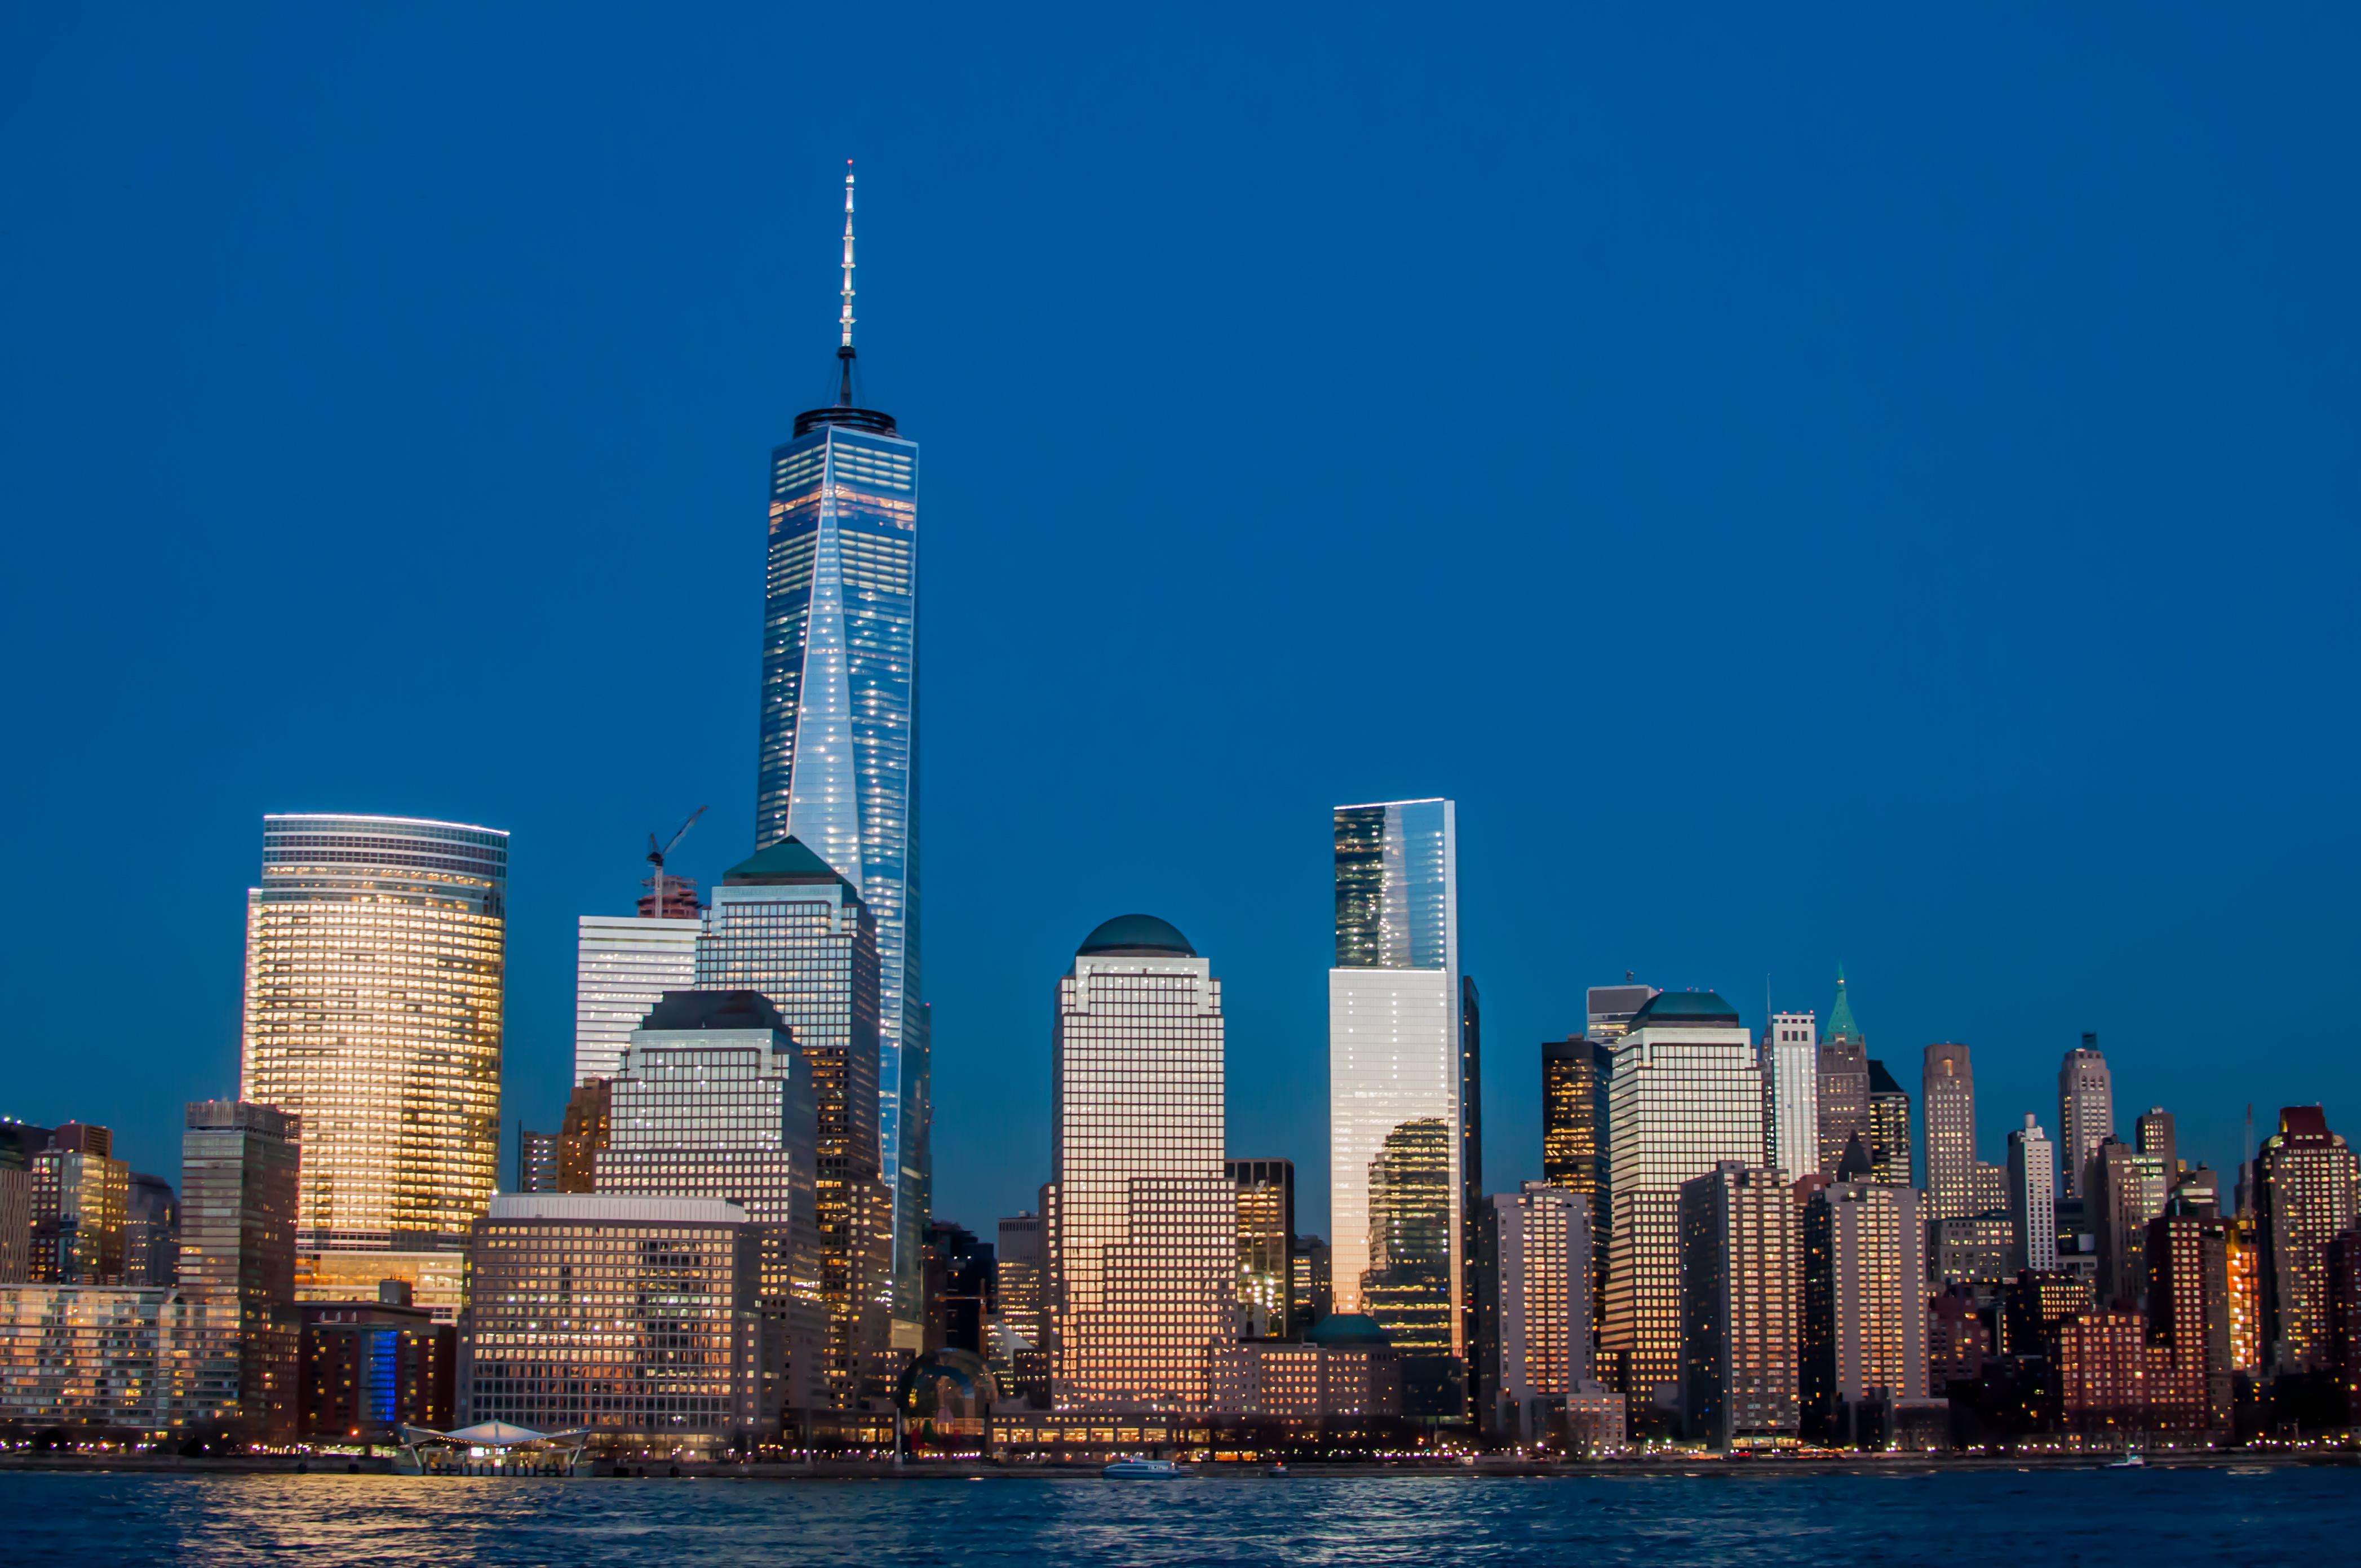 Lower Manhattan Skyline - jupp0r 4.0